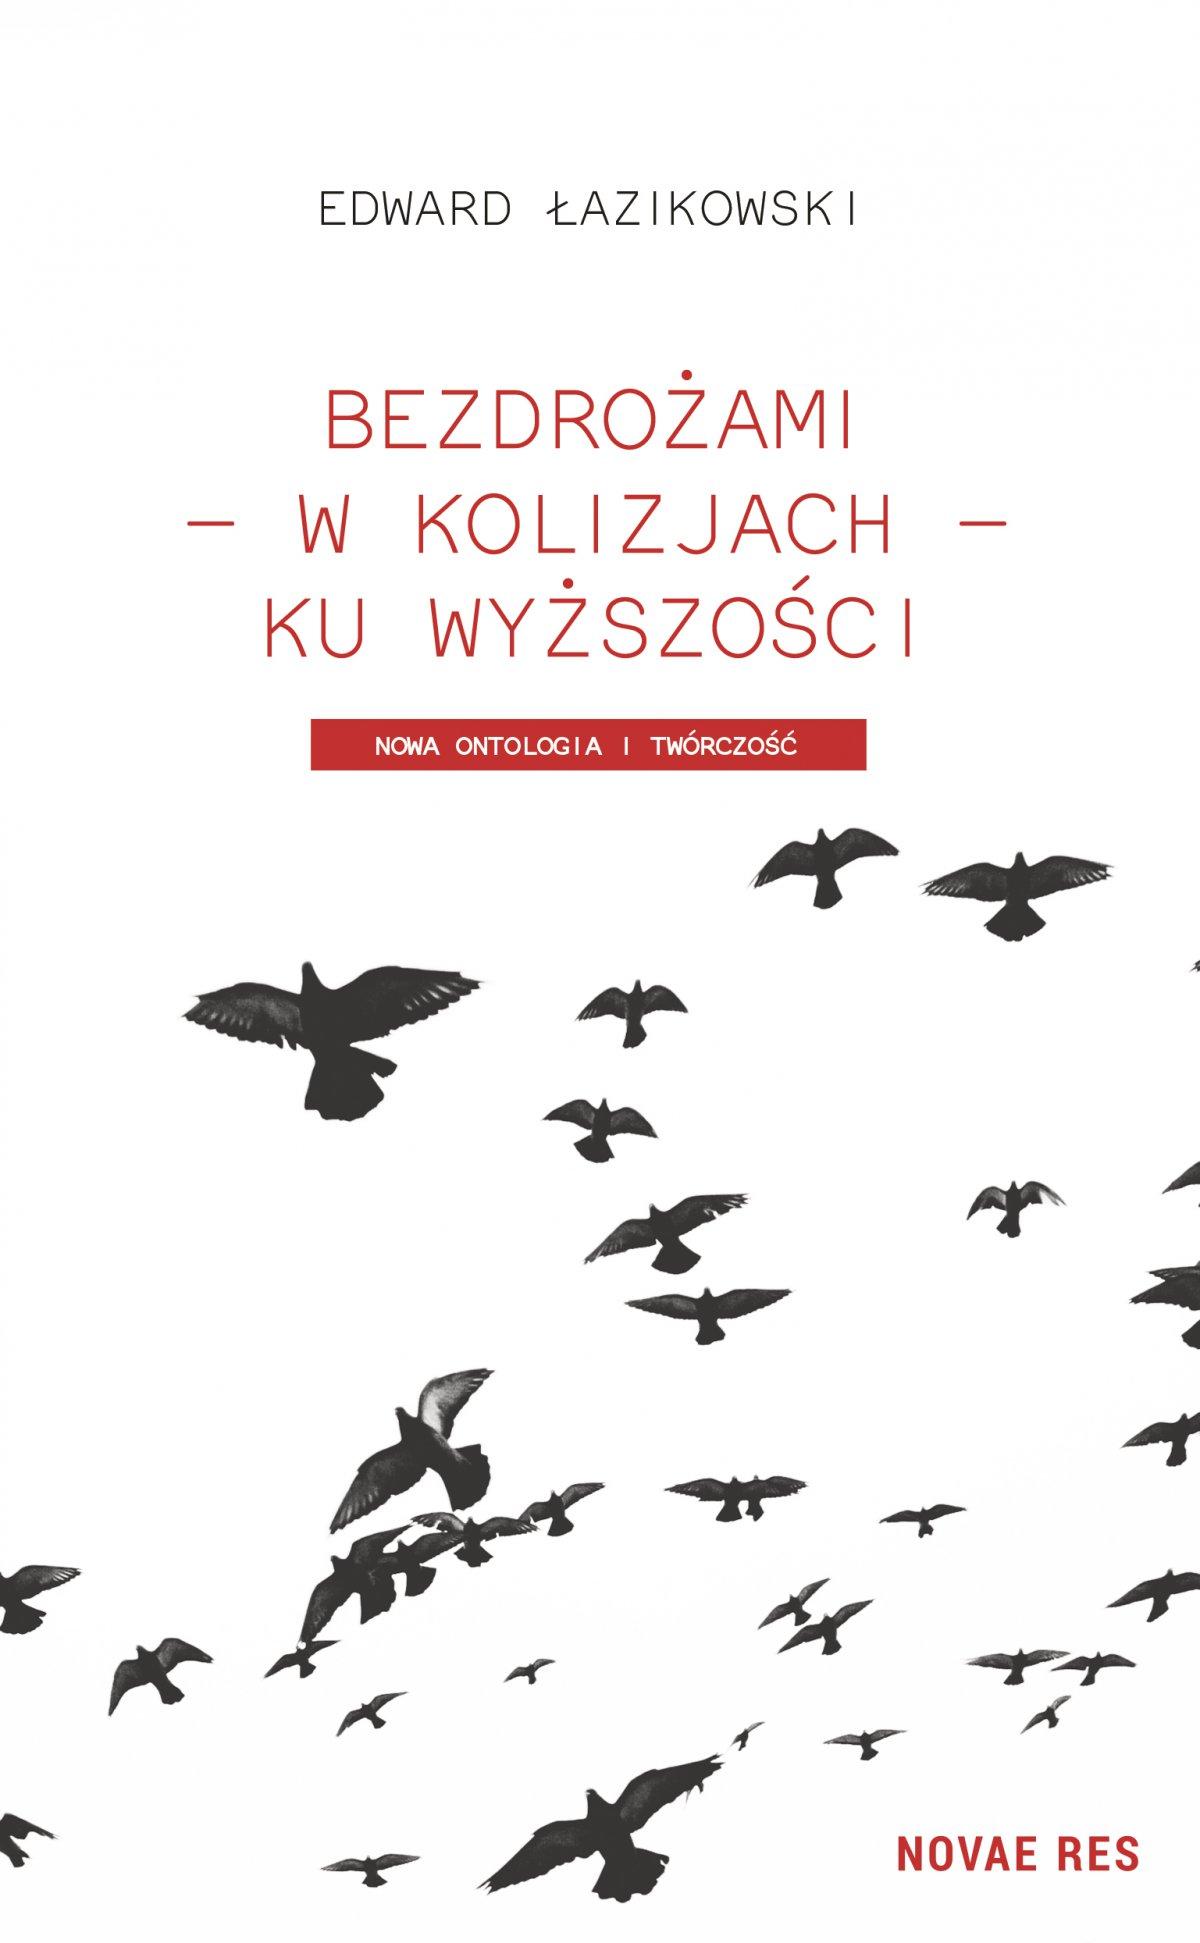 Bezdrożami - w kolizjach - ku wyższości. Nowa ontologia i twórczość - Ebook (Książka EPUB) do pobrania w formacie EPUB